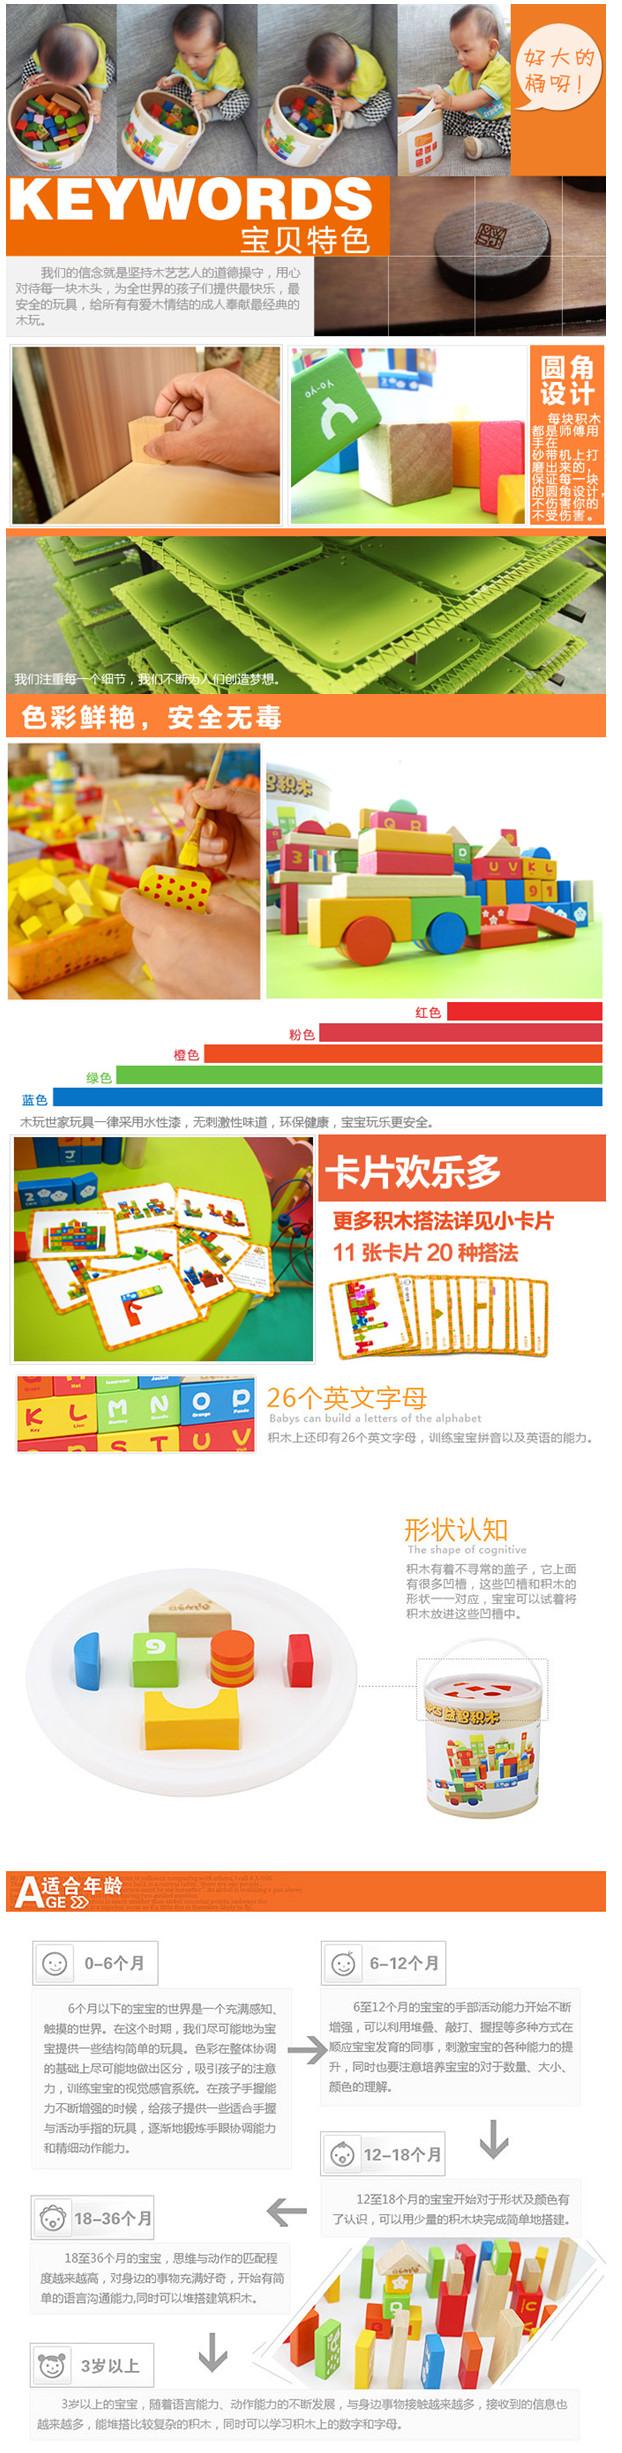 上海实体专柜款首次网售:木玩世家80粒积木优惠开团!(转载) - 快乐一兵 - 126jnm5626 的博客